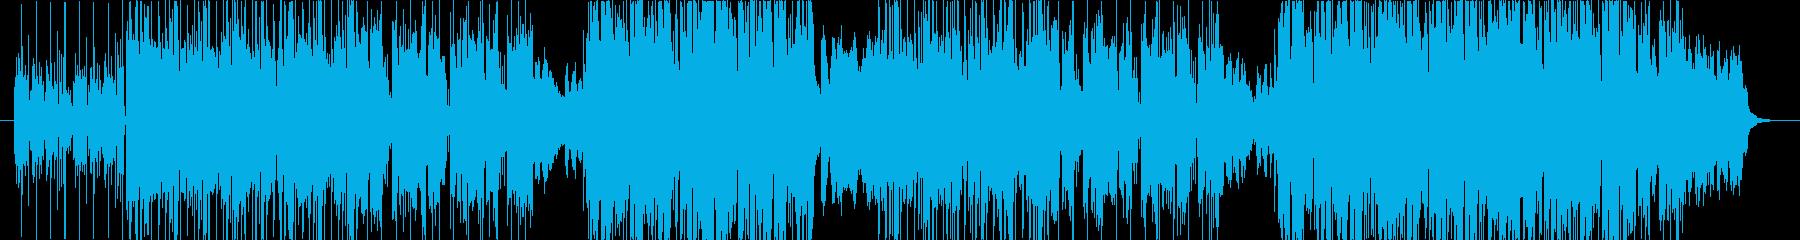 洋楽、80s、Postmaloneの再生済みの波形